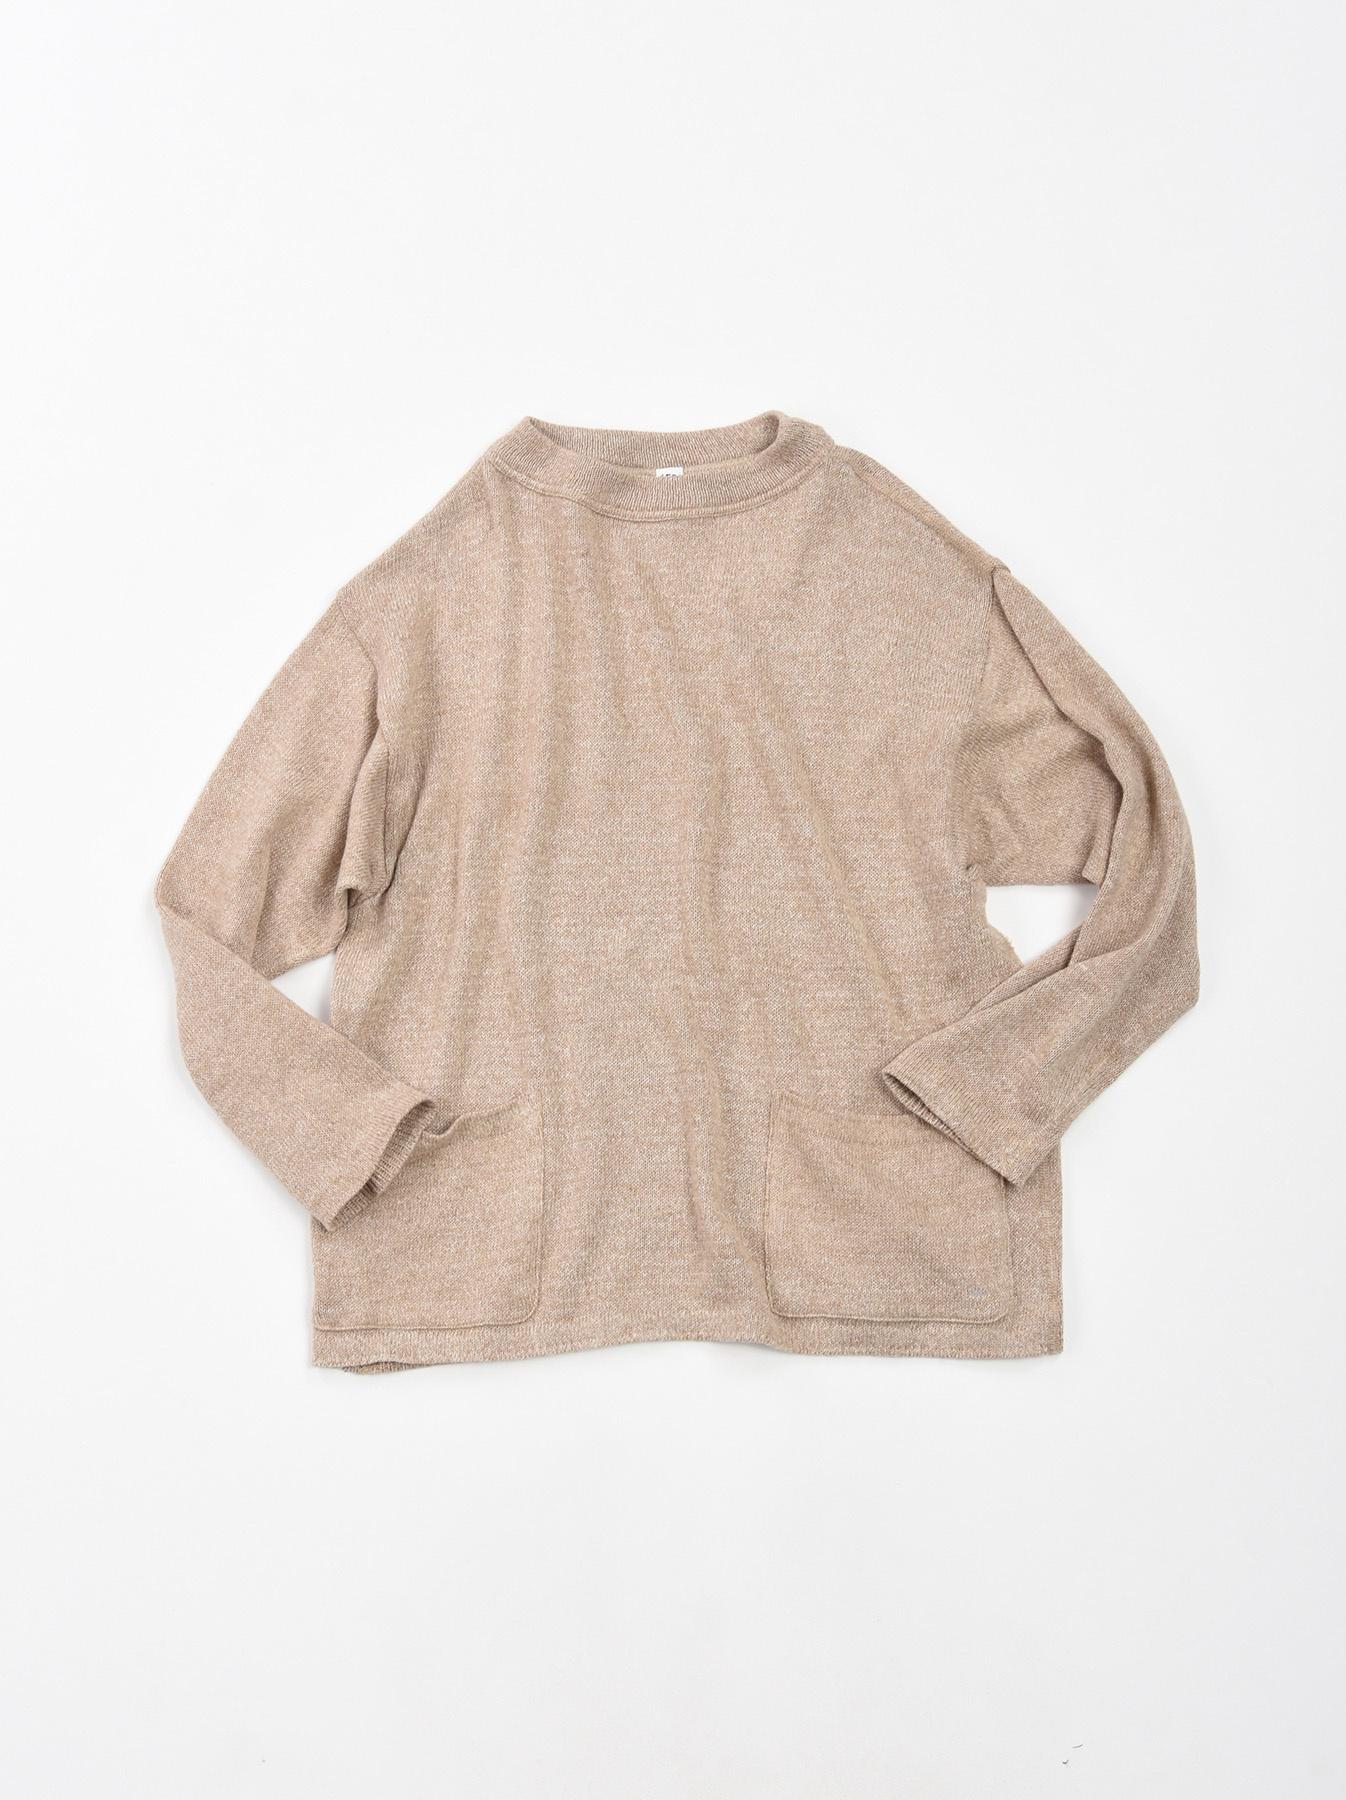 Zimbabwe Cotton Knit-sew 908 Uma Sweater-8